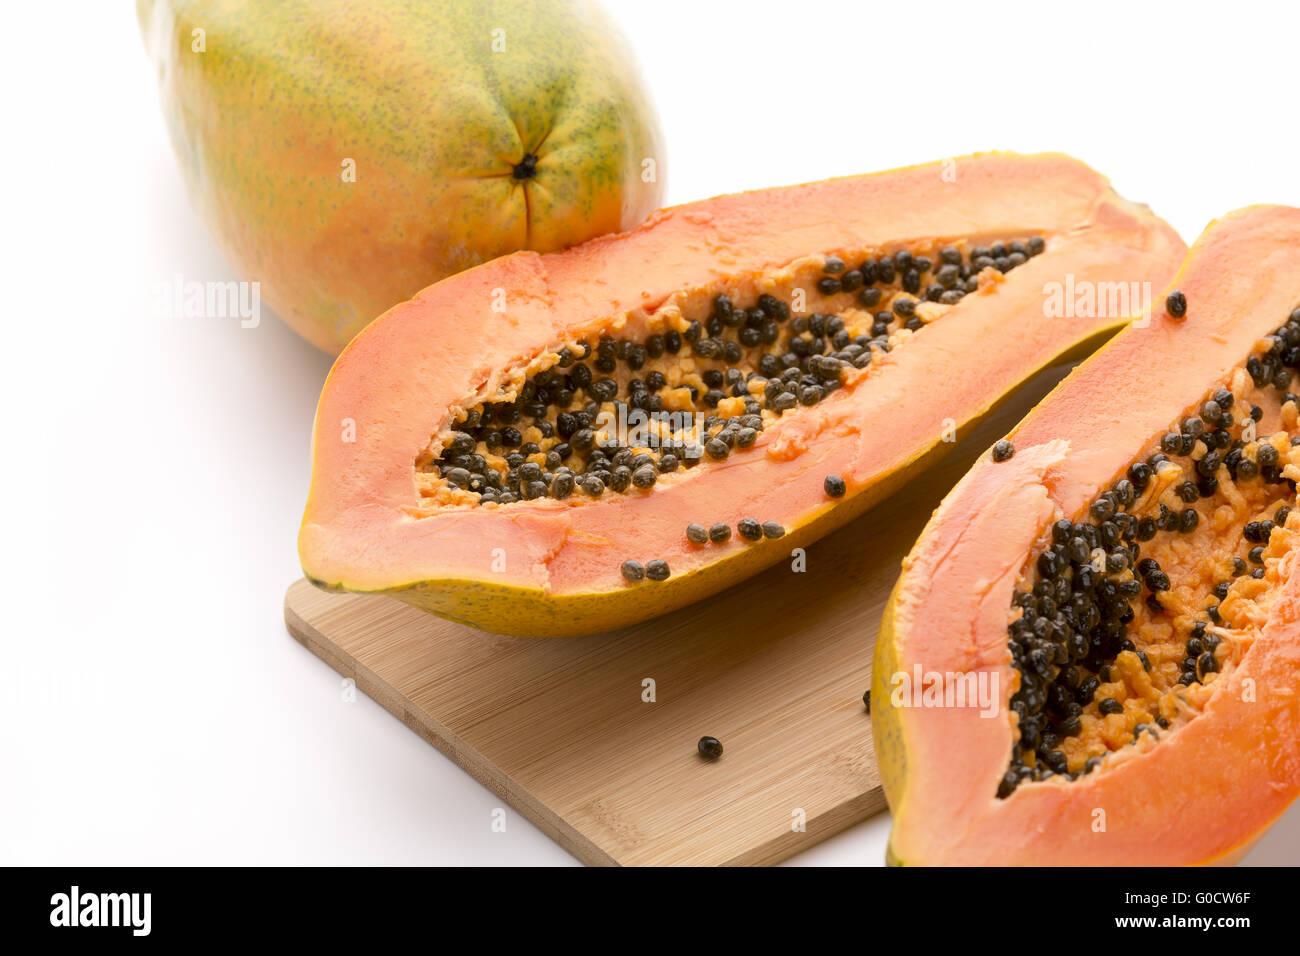 how to cut a papaya